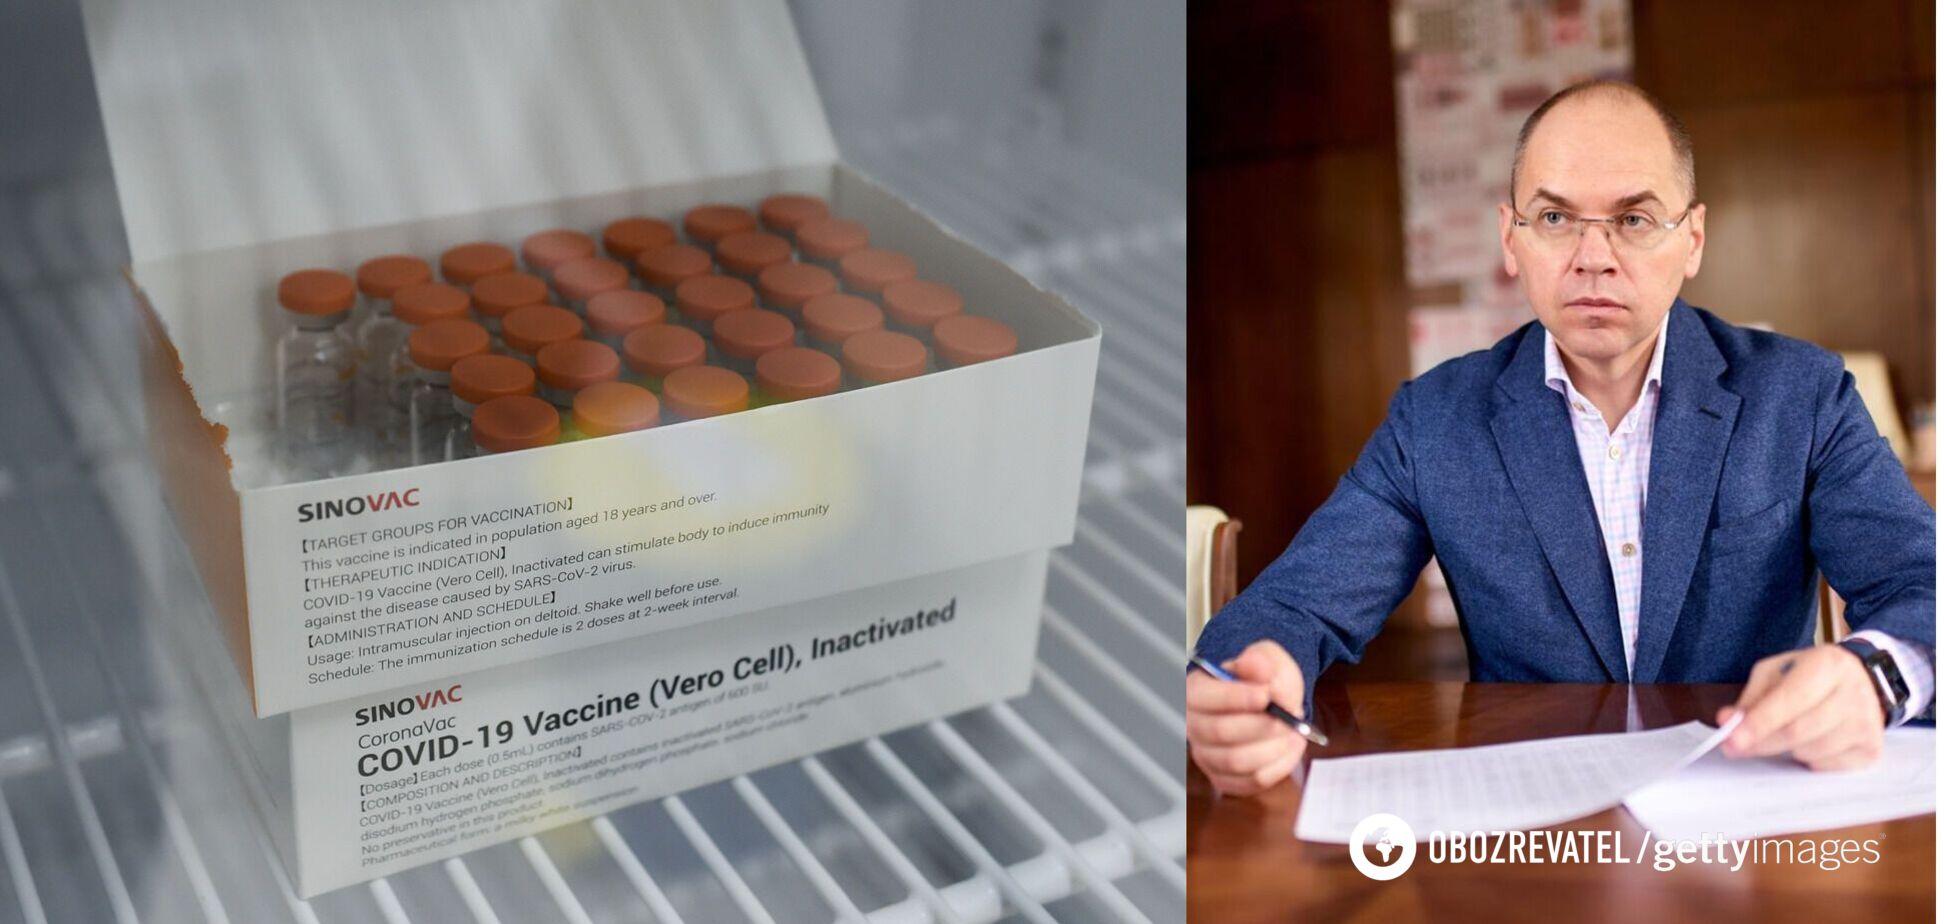 Китайська компанія не підтвердила ефективність вакцини CoronaVac, – Степанов